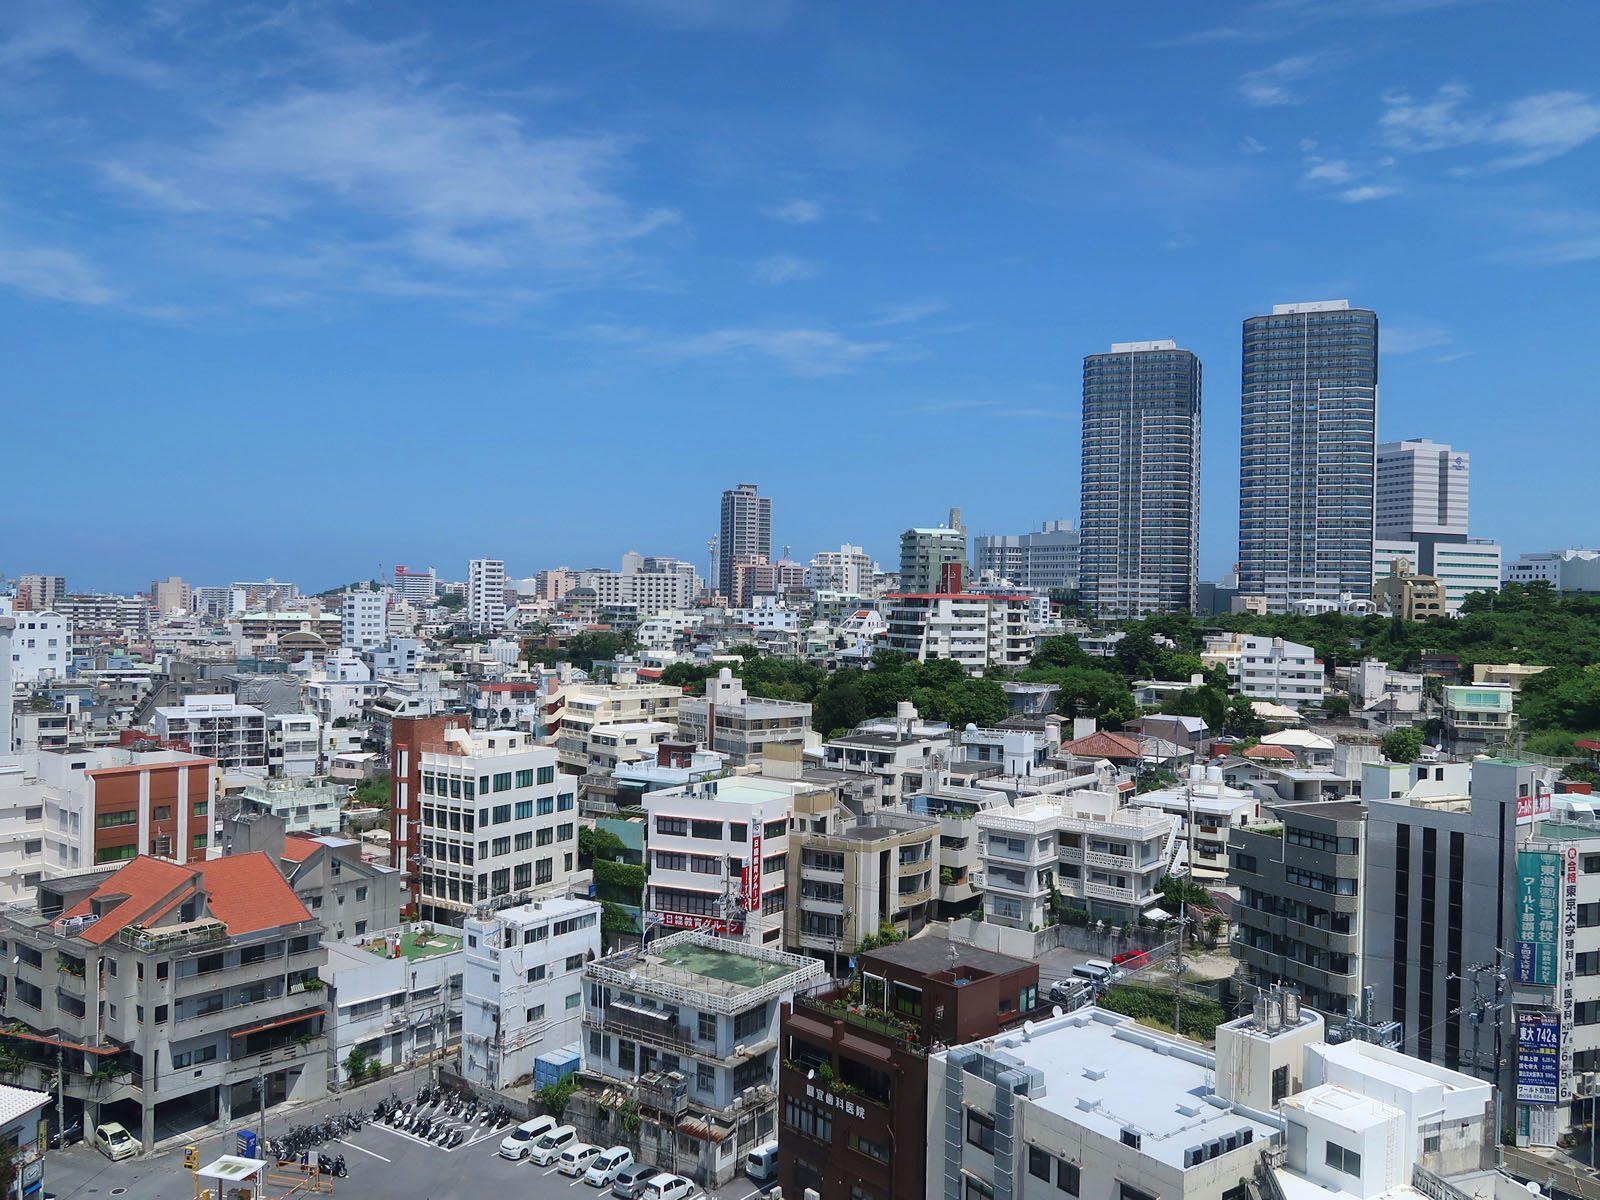 从自助餐的场地,酒店12楼的「空中酒廊」遥望冲绳都市